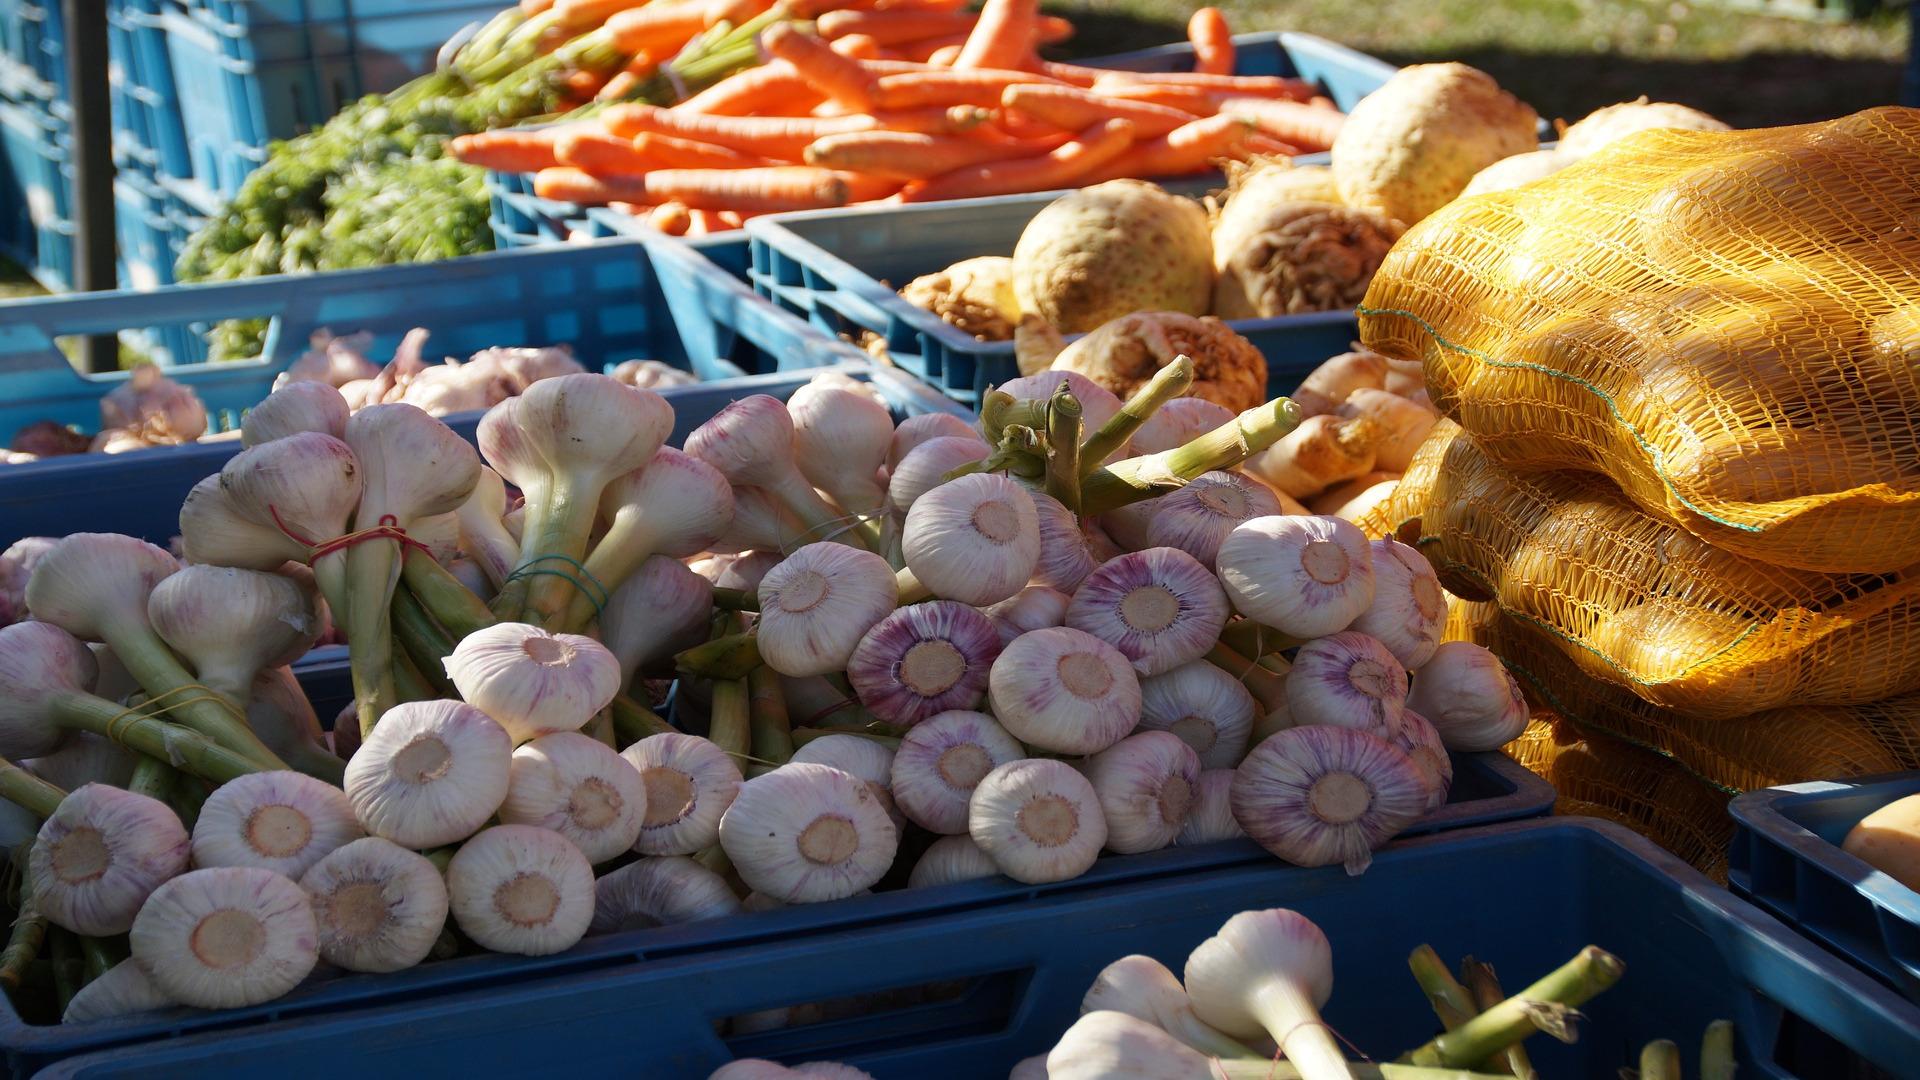 Los productores locales son basicos para garantizar el abastecimiento de alimento1920